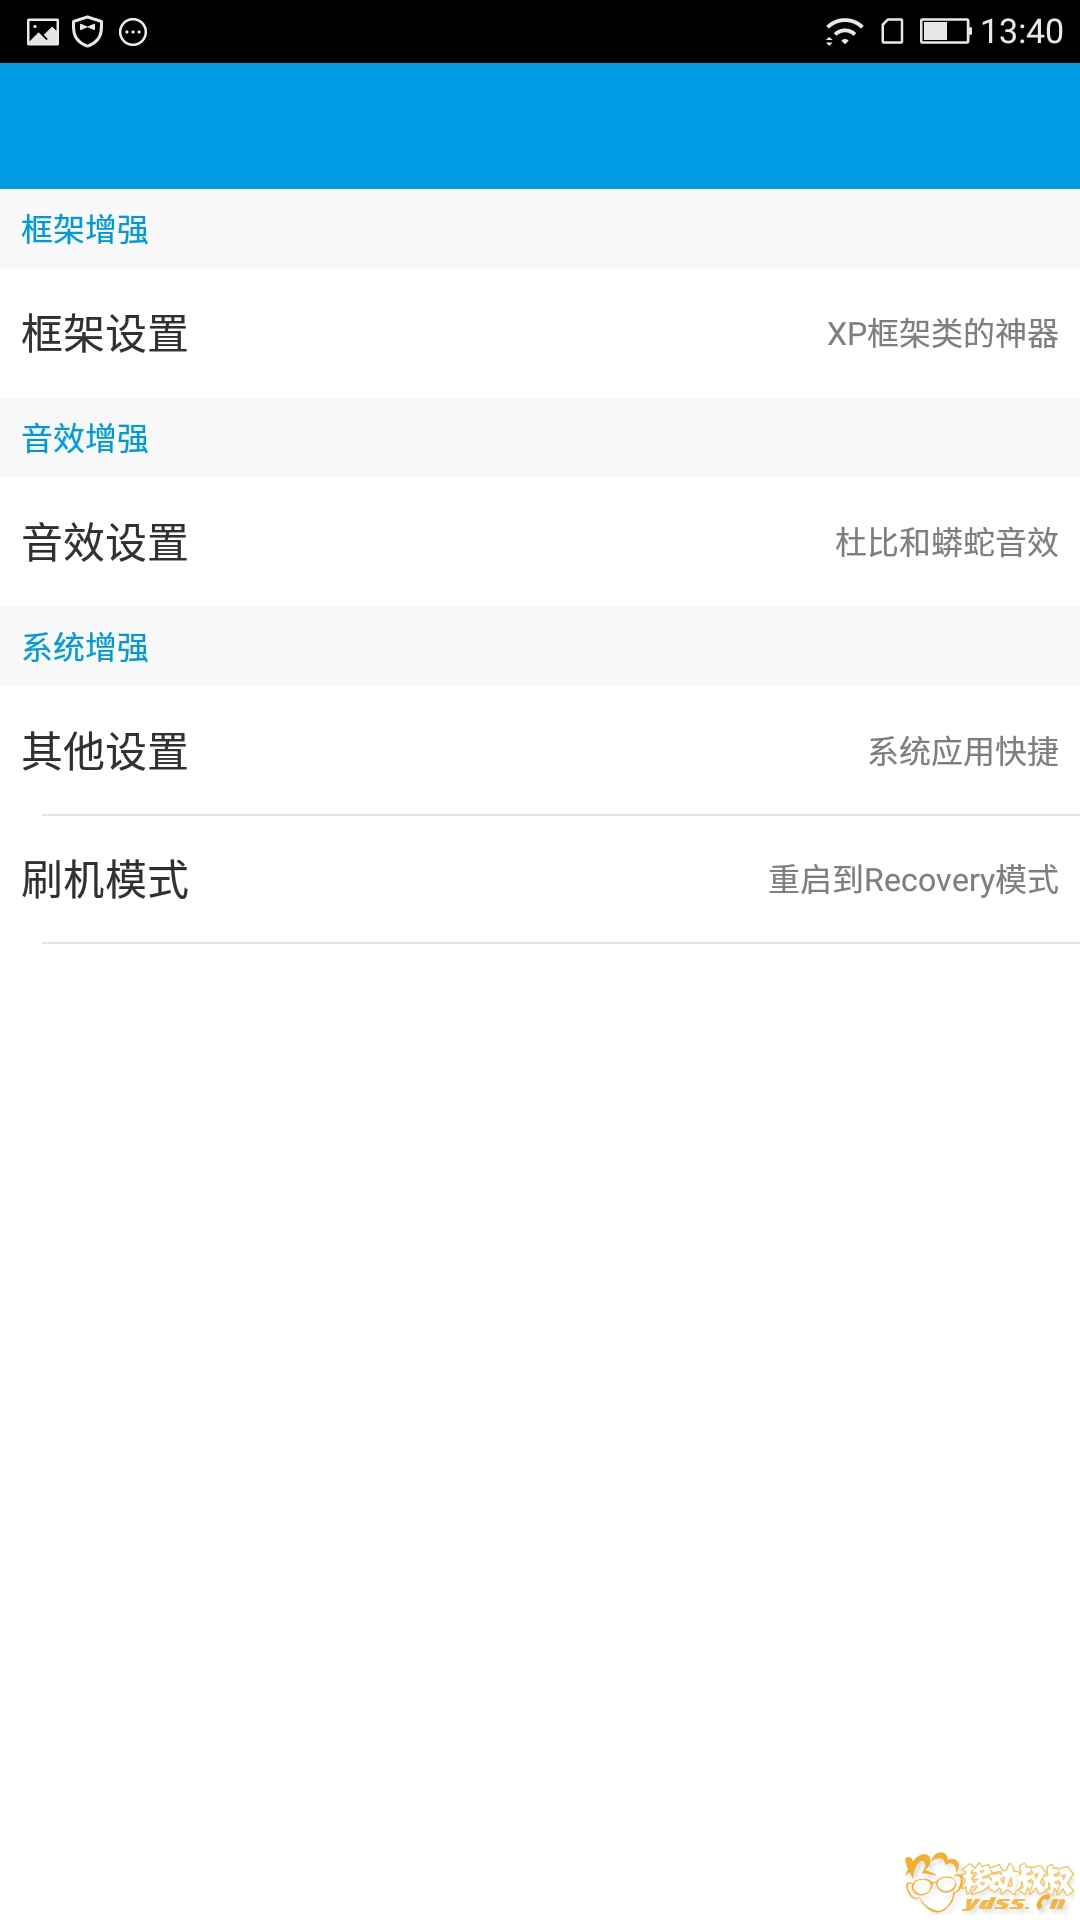 Screenshot_20180410-134025.jpg